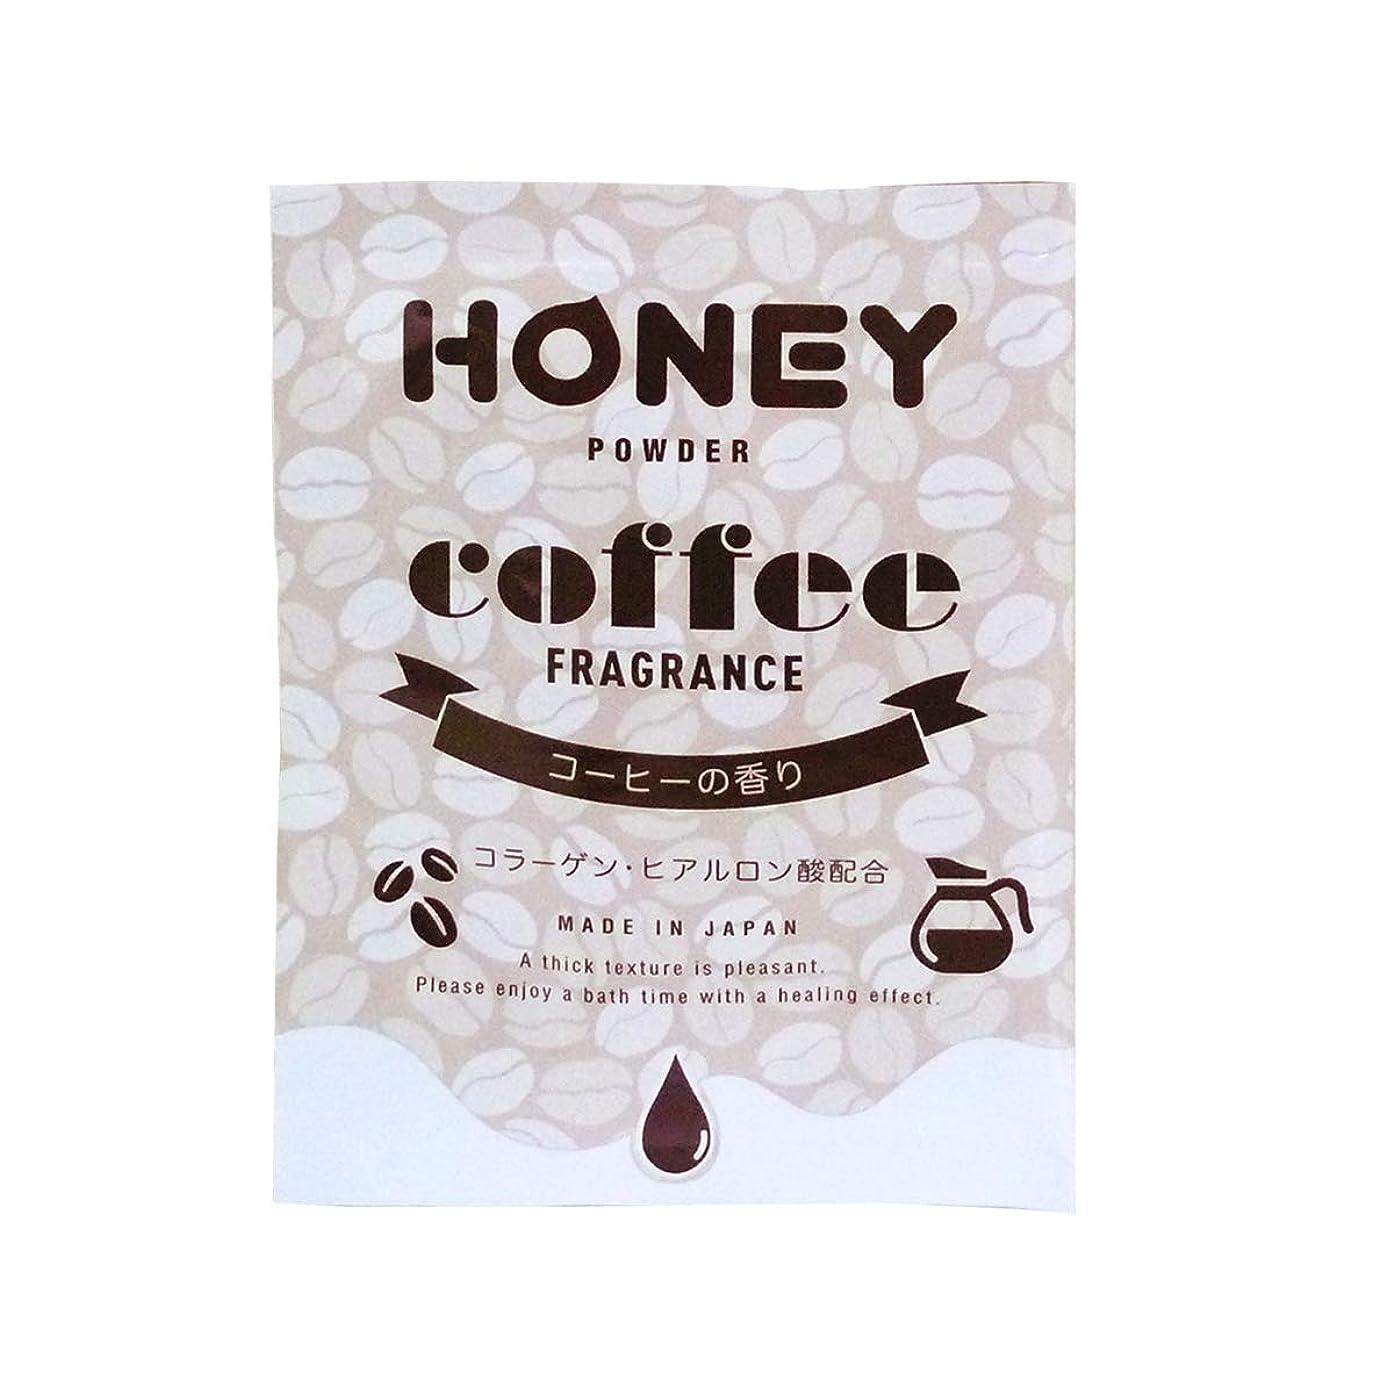 六大統領帰るとろとろ入浴剤【honey powder】(ハニーパウダー) コーヒーの香り 粉末タイプ ローション